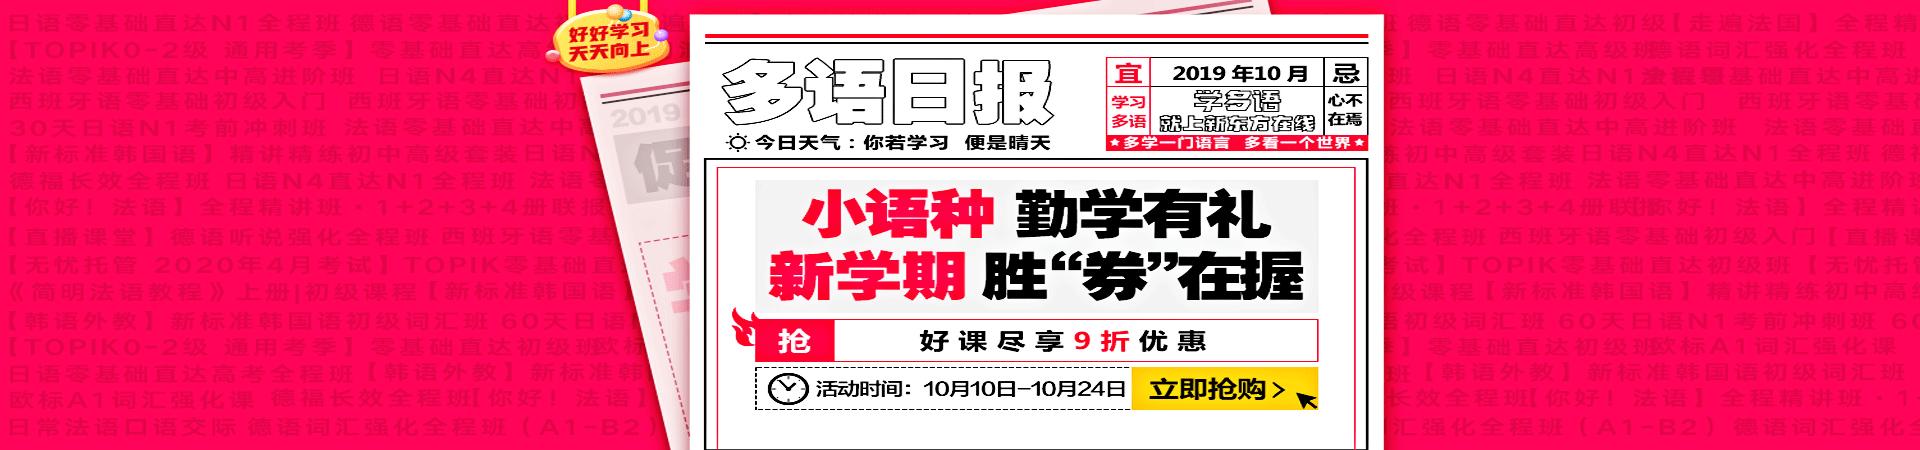 新东方日语学习班